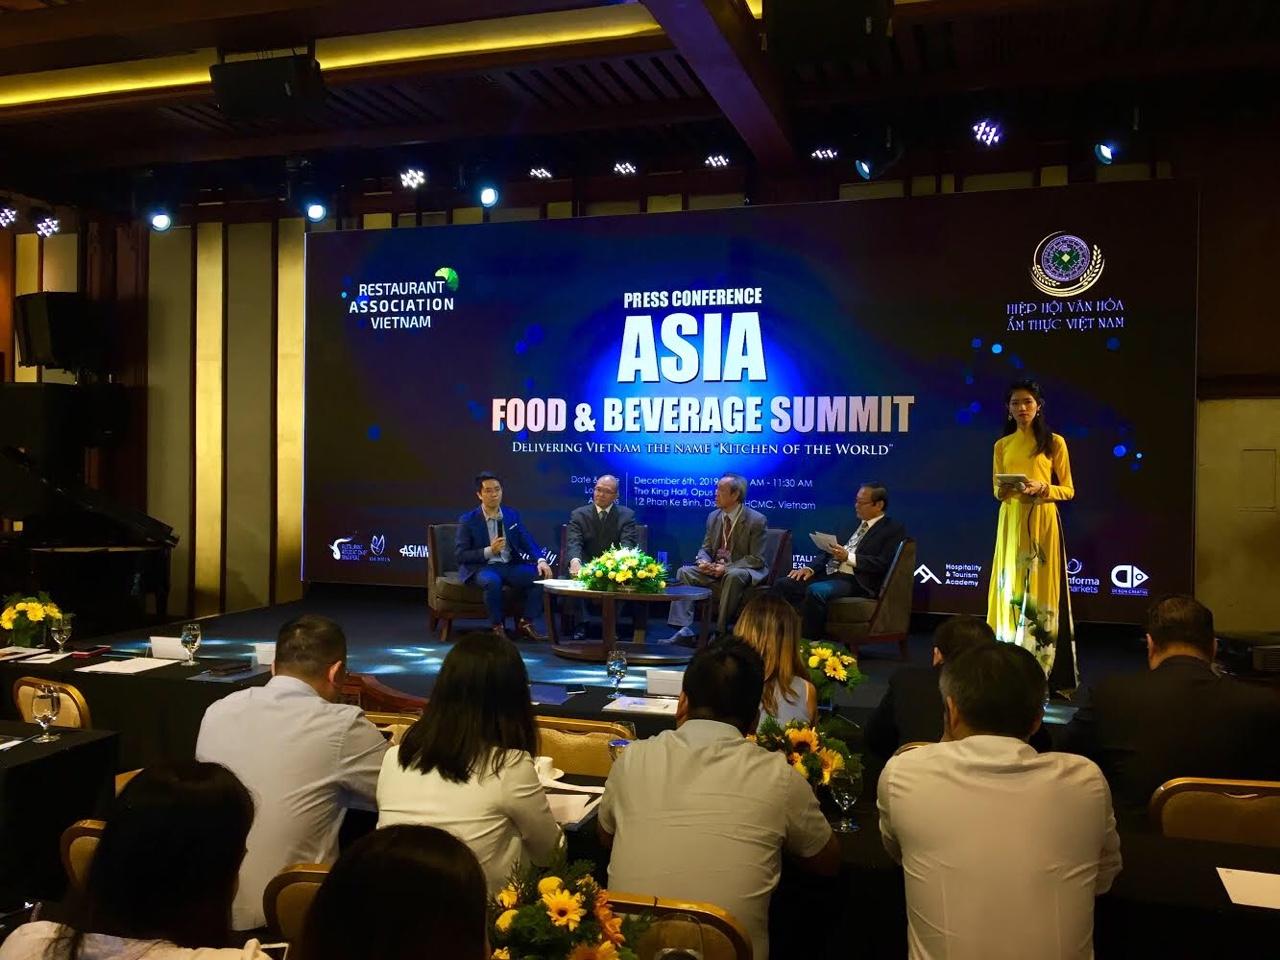 Sommet des aliments et boissons d'Asie pour promouvoir la cuisine vietnamienne